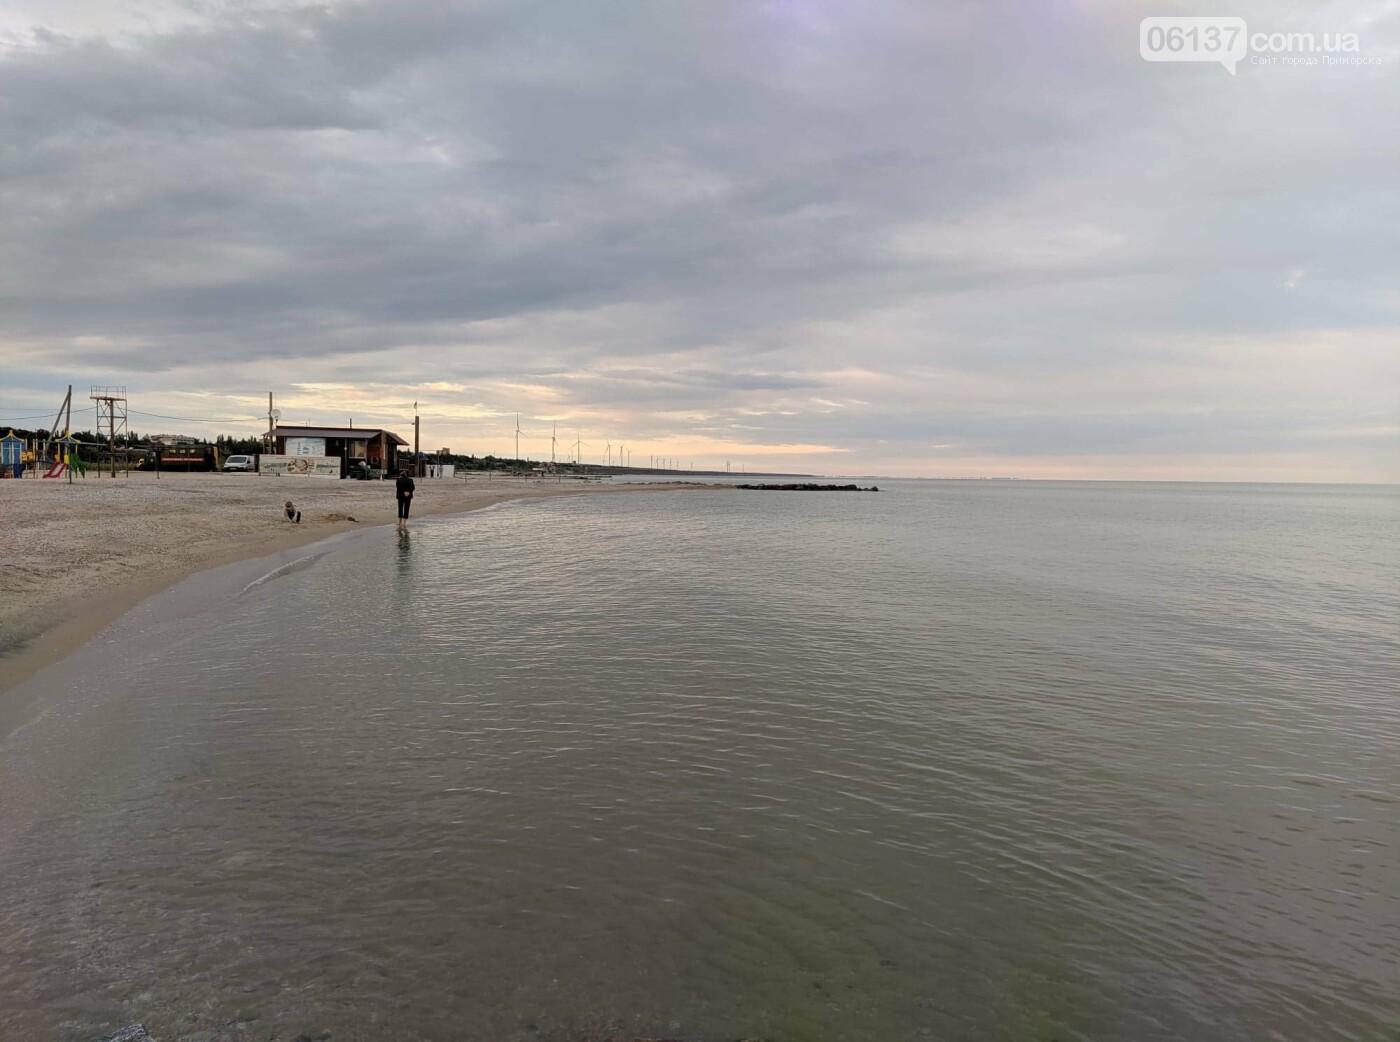 На центральном пляже Приморска открылись кафе и детские атракционы, фото-2